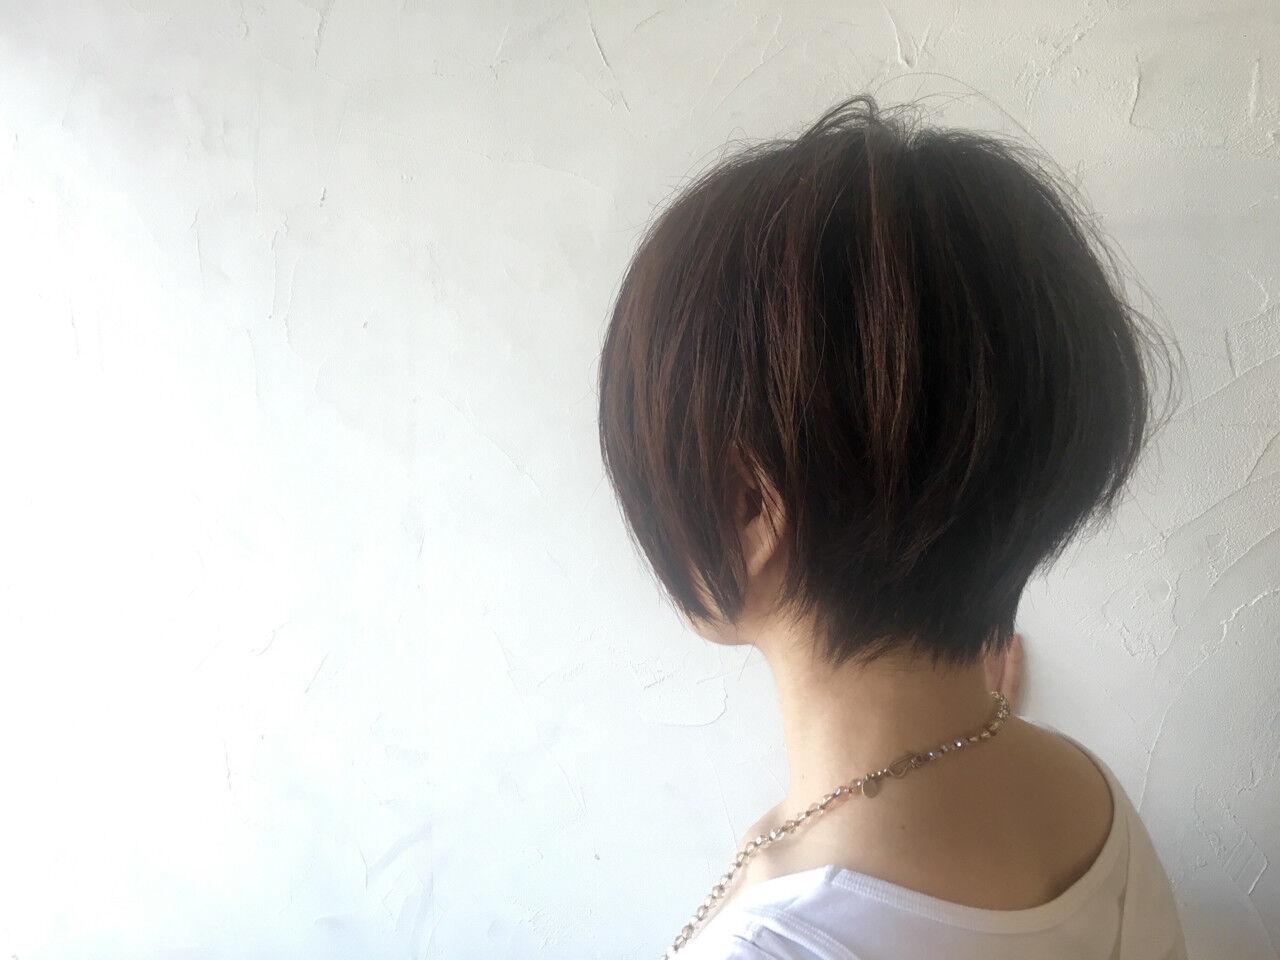 ナチュラル ショート 暗髪 大人かわいいヘアスタイルや髪型の写真・画像